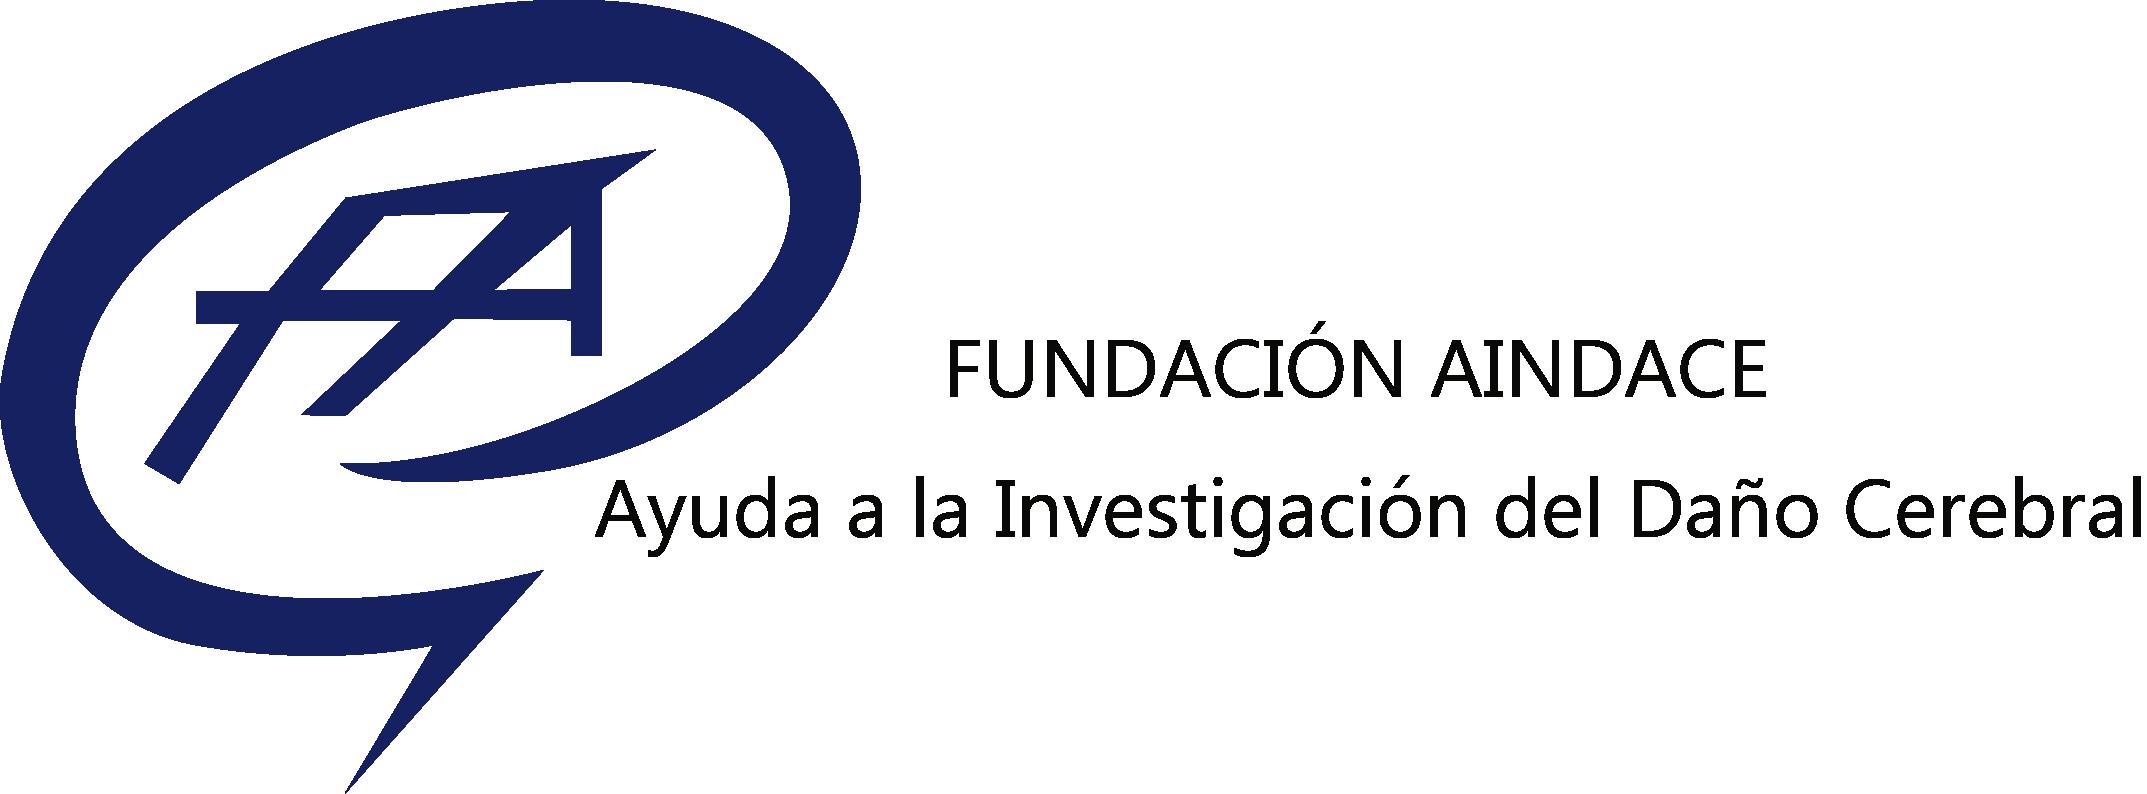 Fundación AINDACE